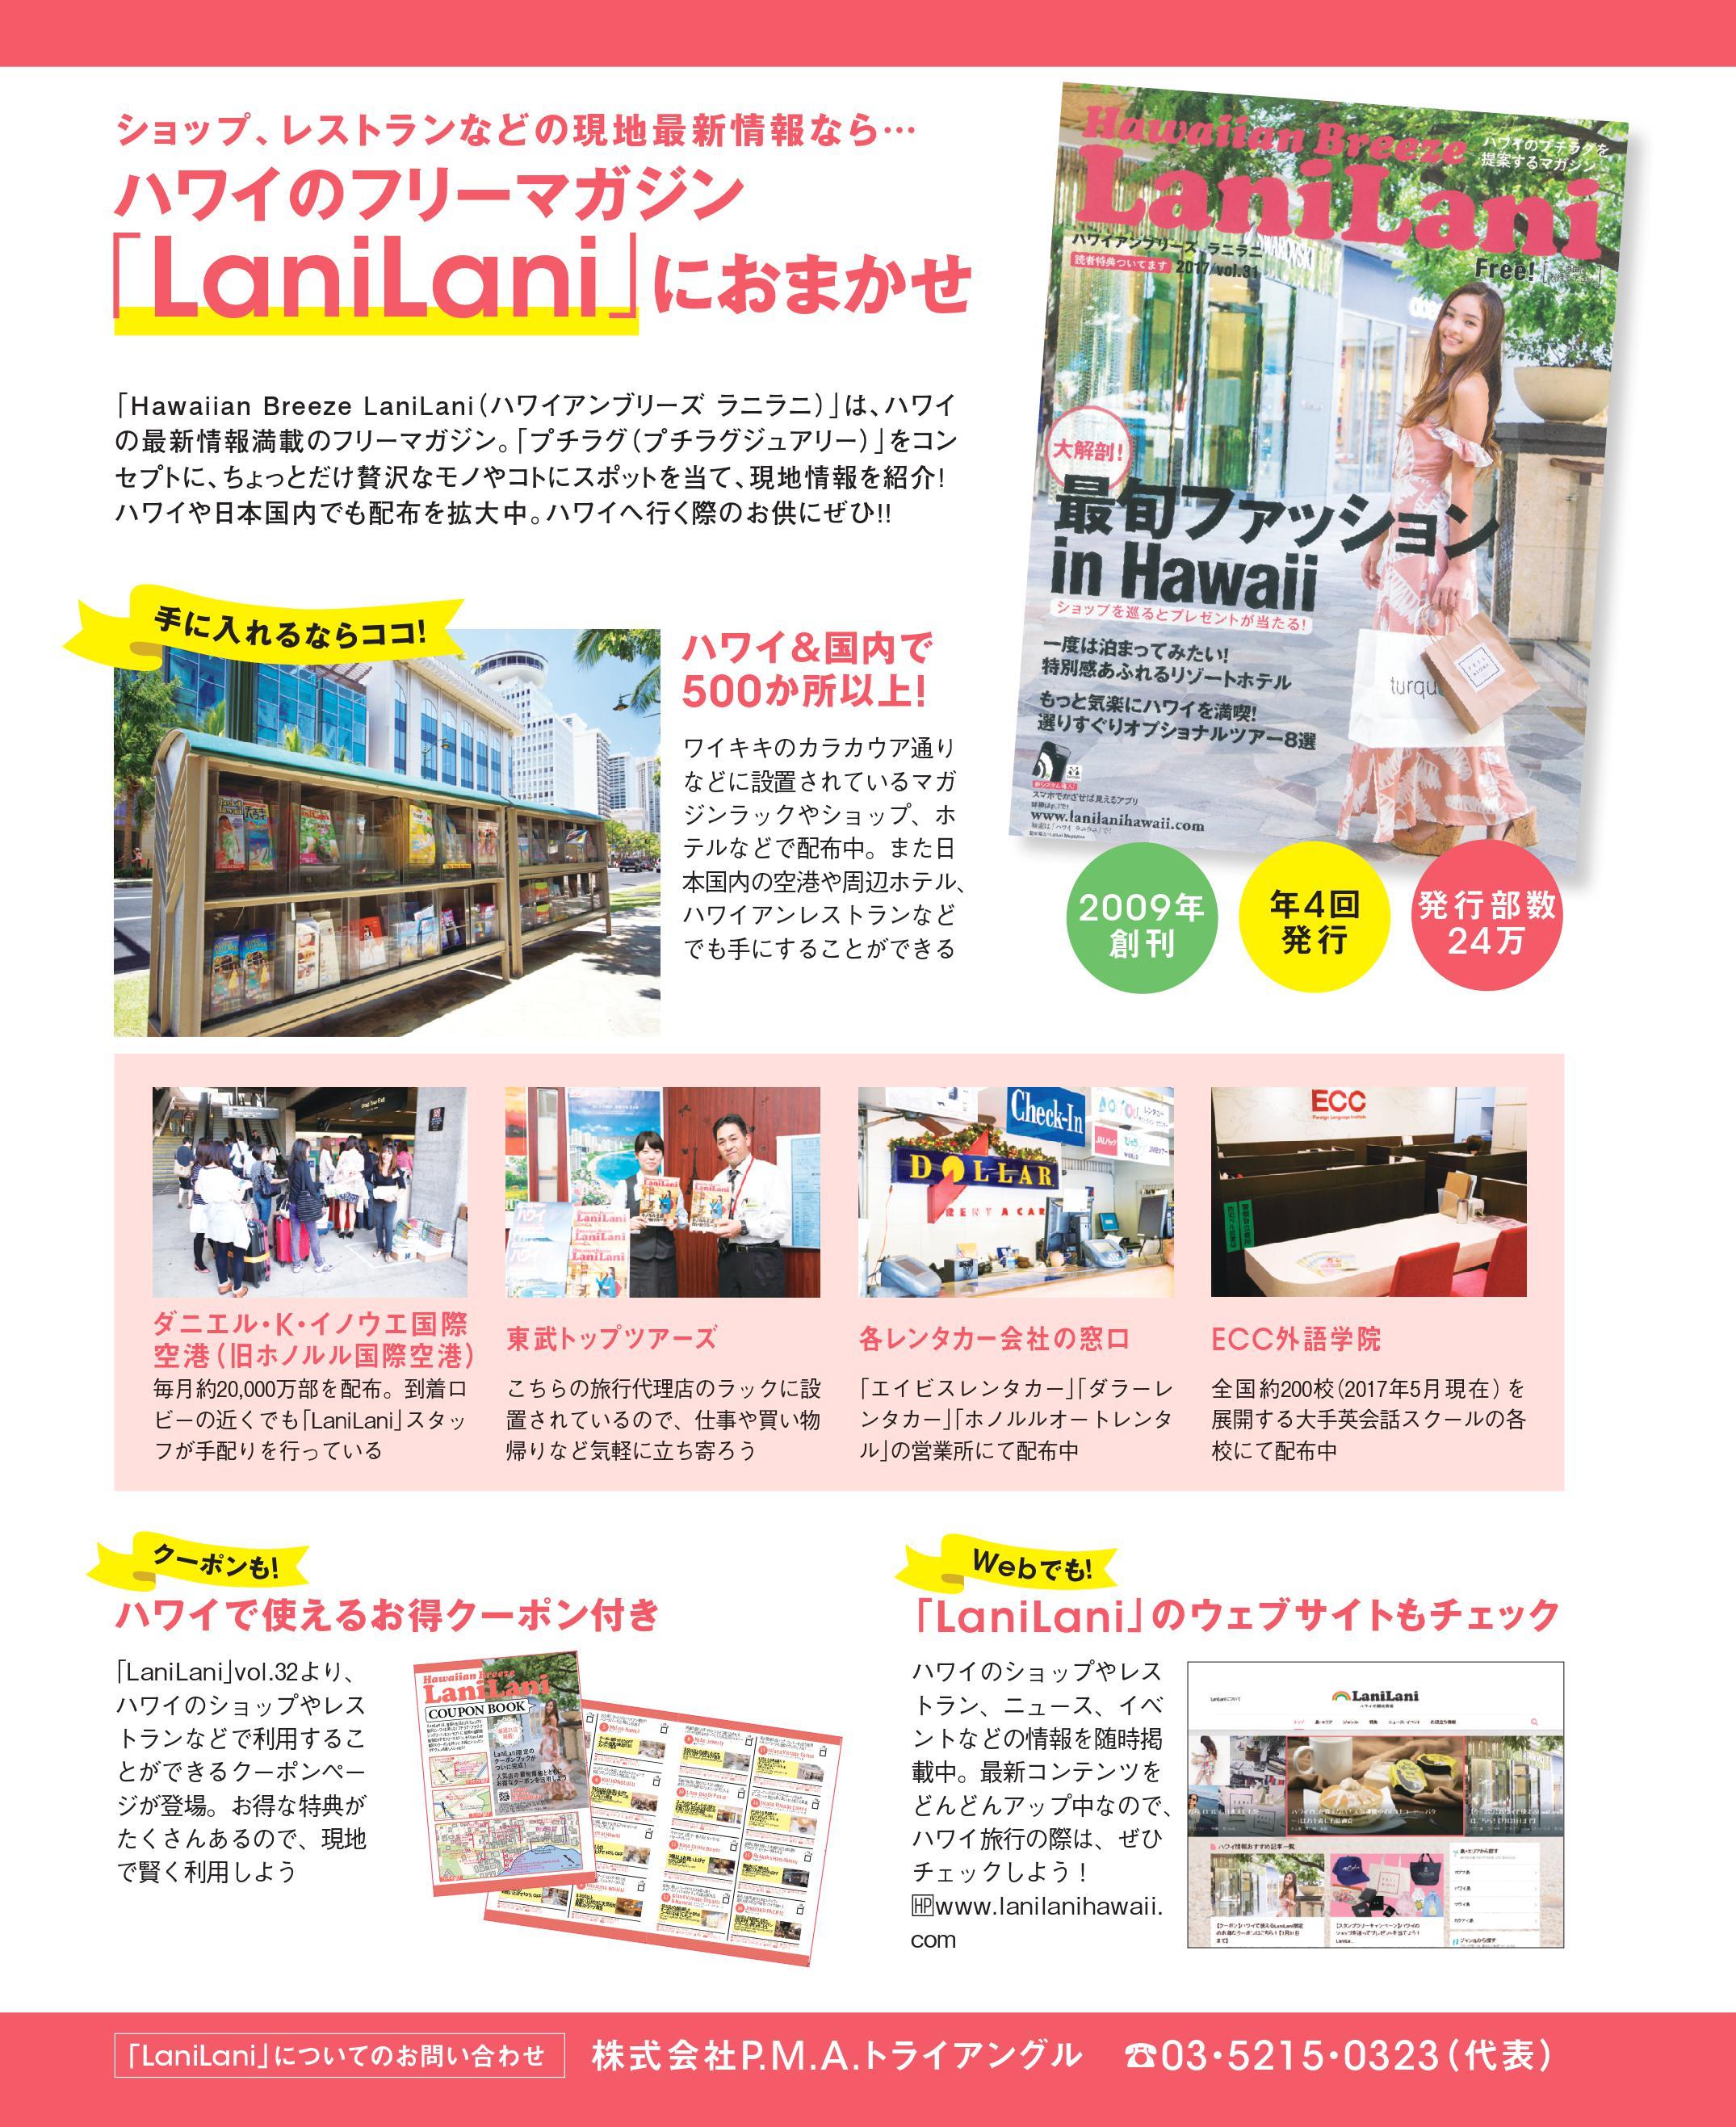 ショップ、レストランなどの現地最新情報ならハワイのフリーマガジン「LaniLani」におまかせ